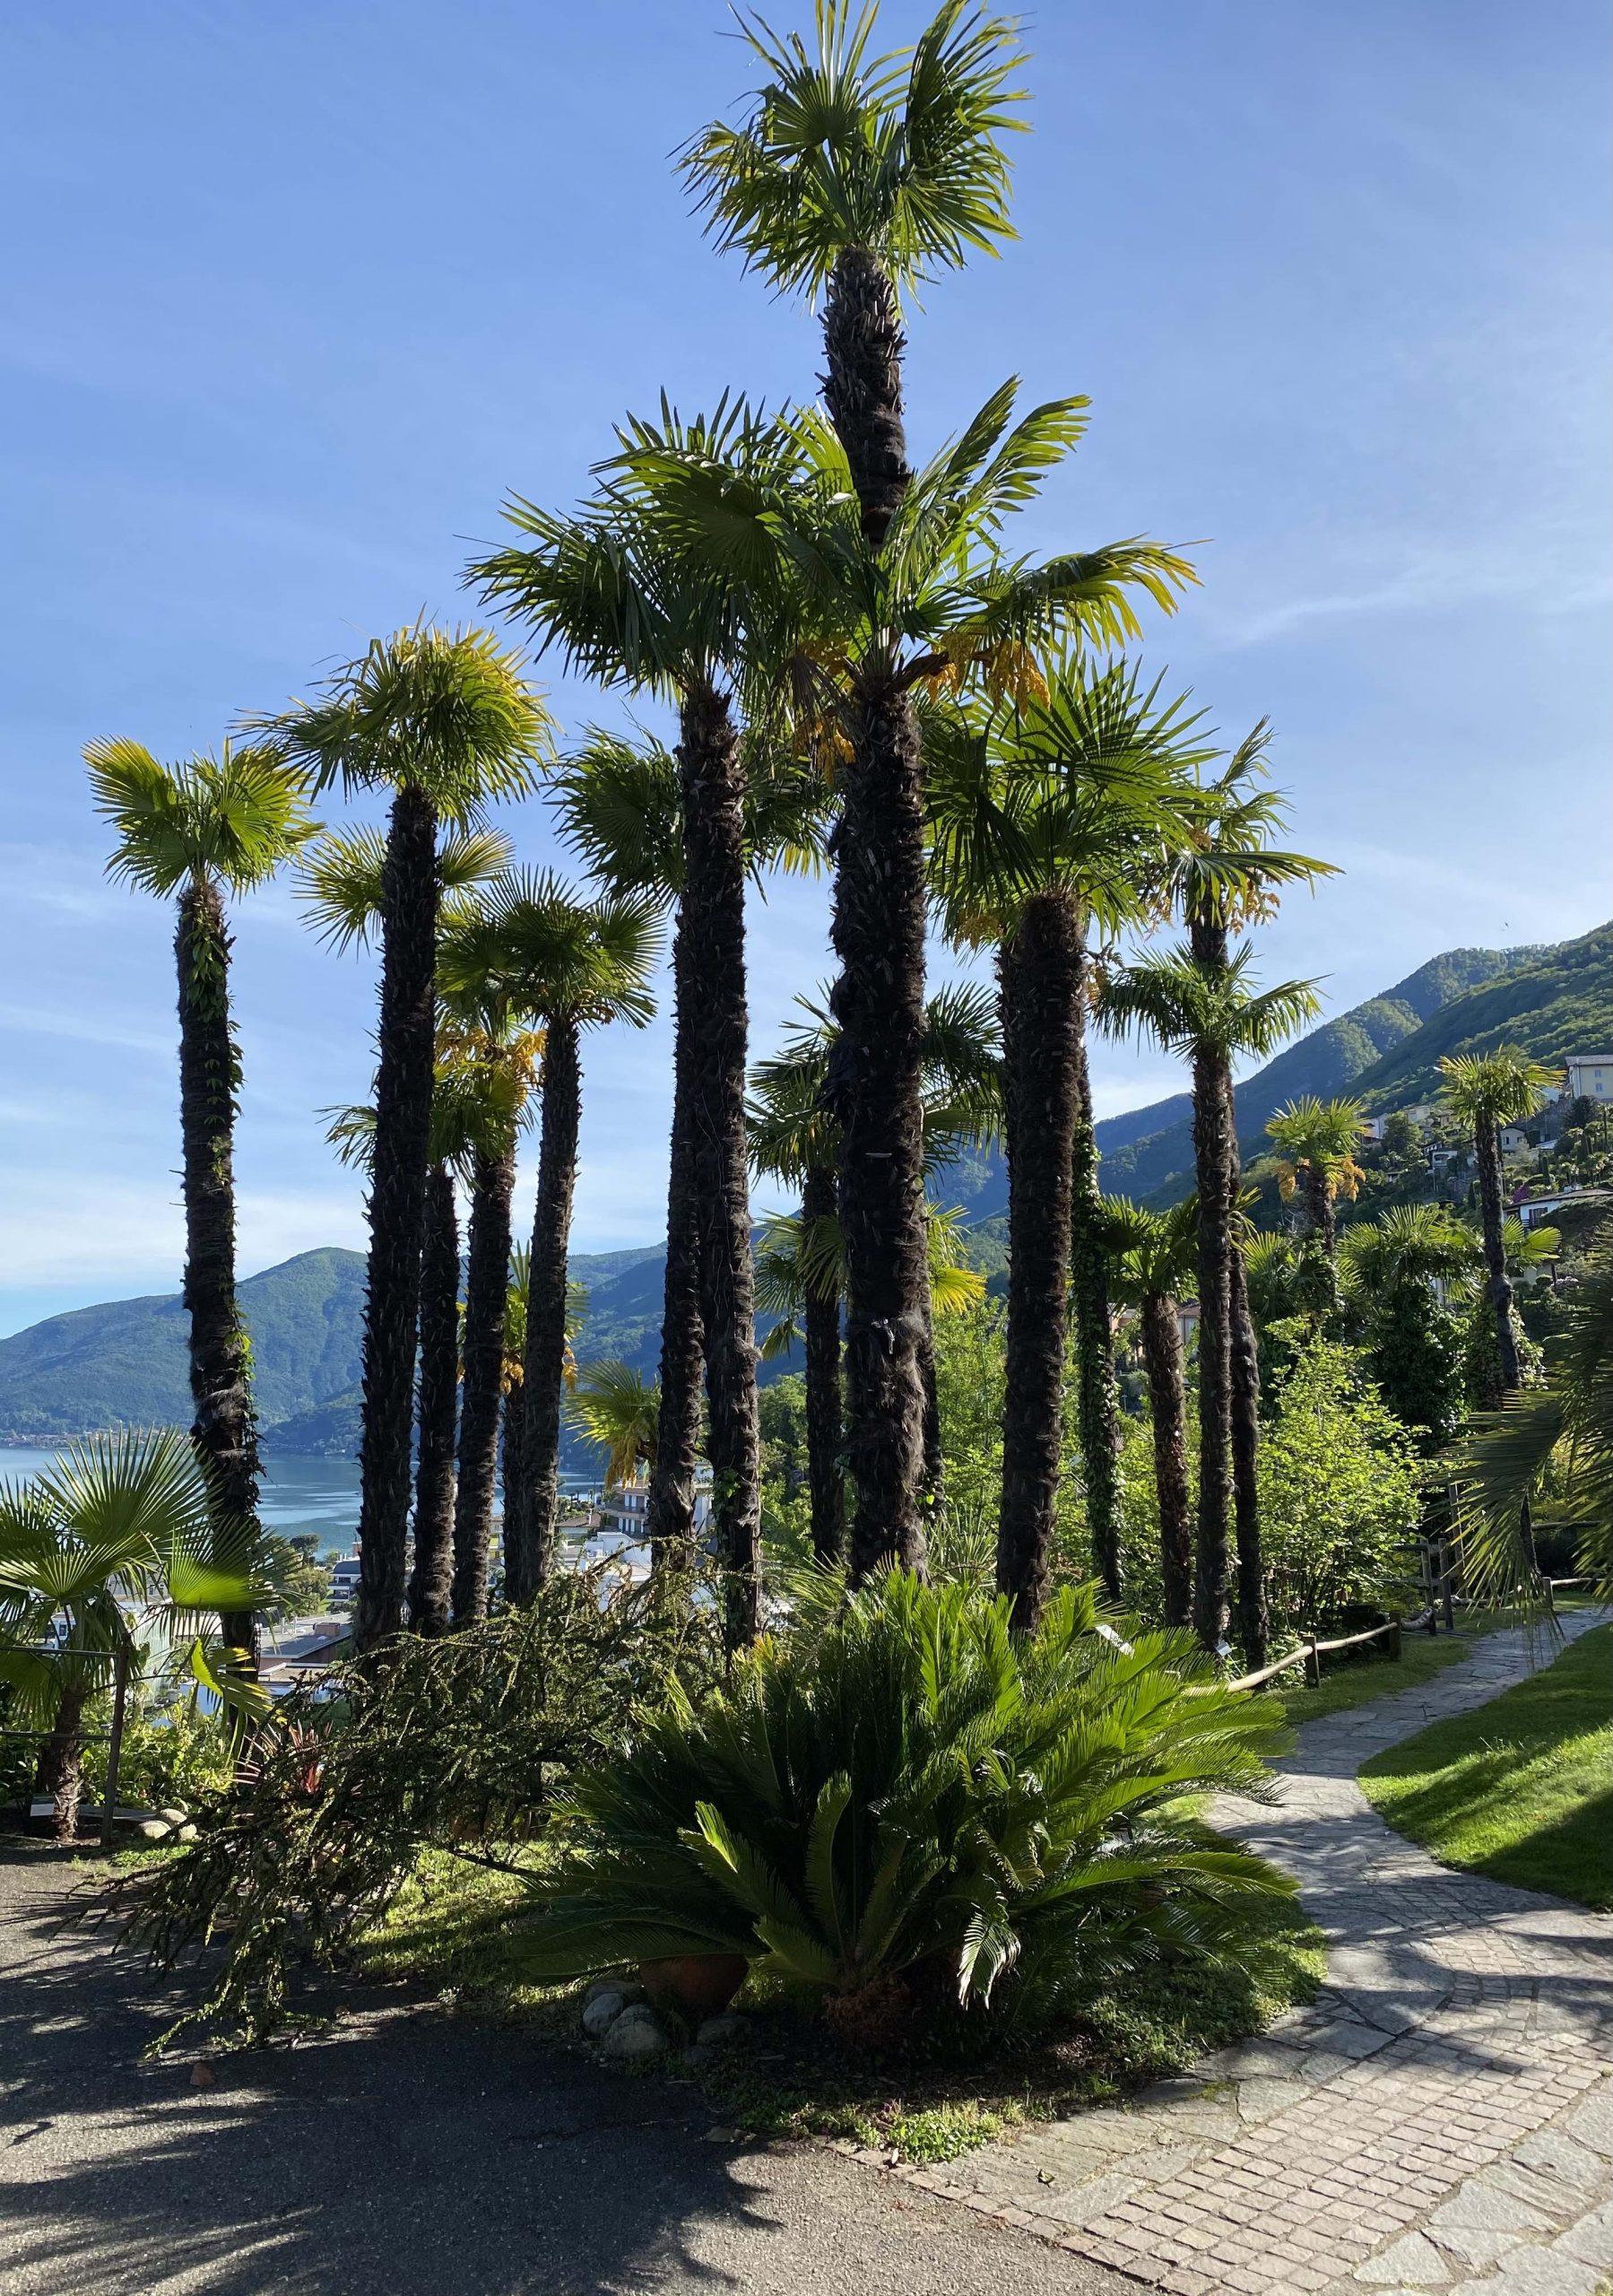 Palms in Brenscino parkhotel